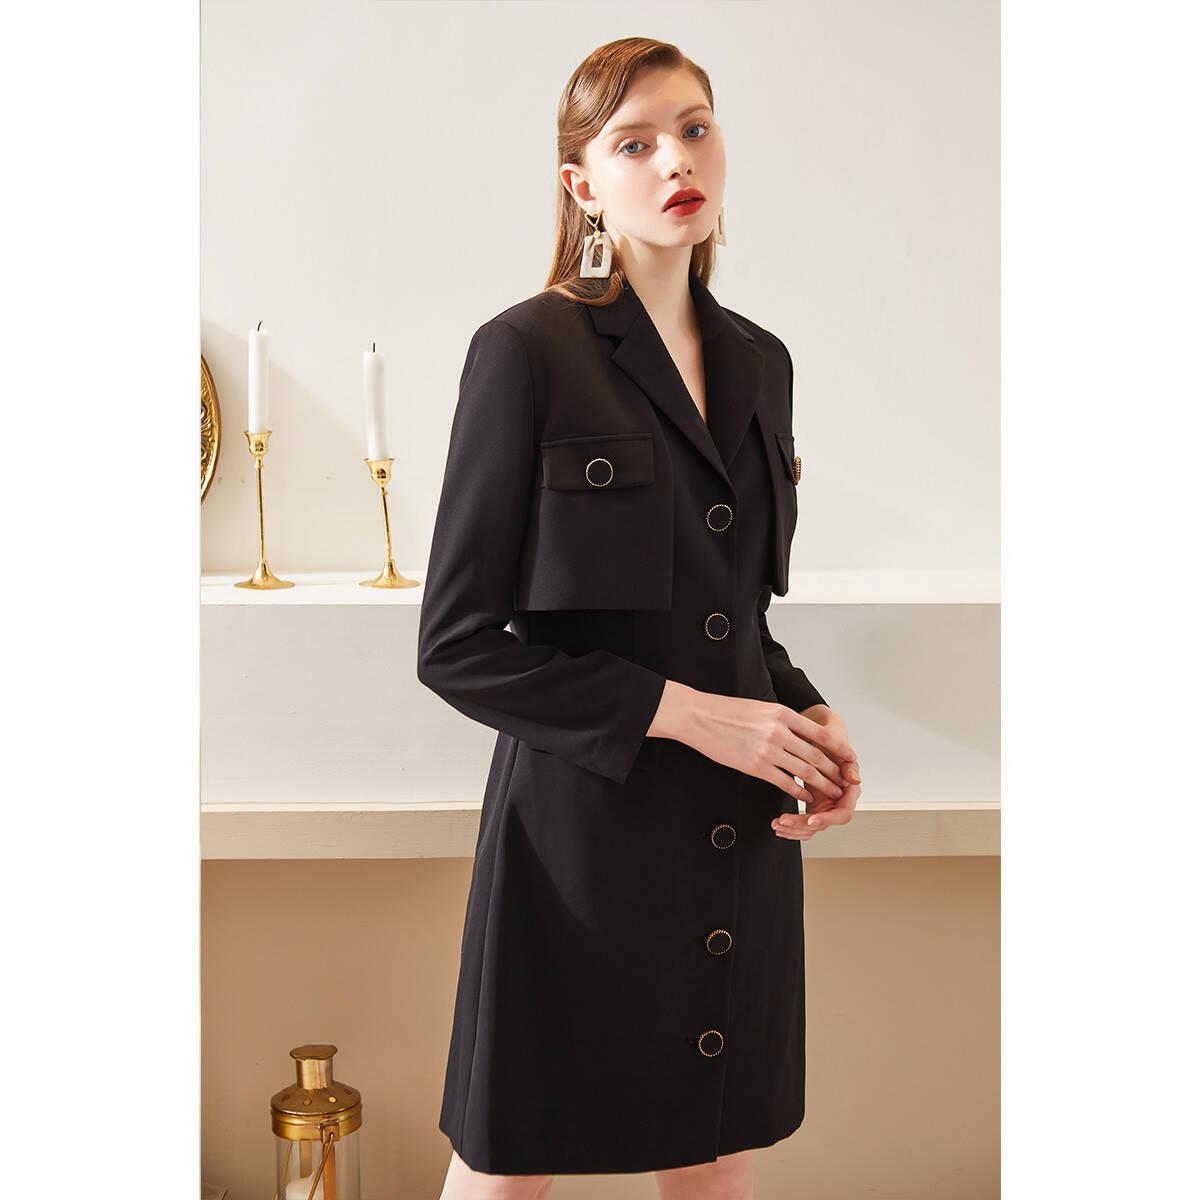 展现女性魅力 周口戈蔓婷女装加盟店帮助女性打造时尚